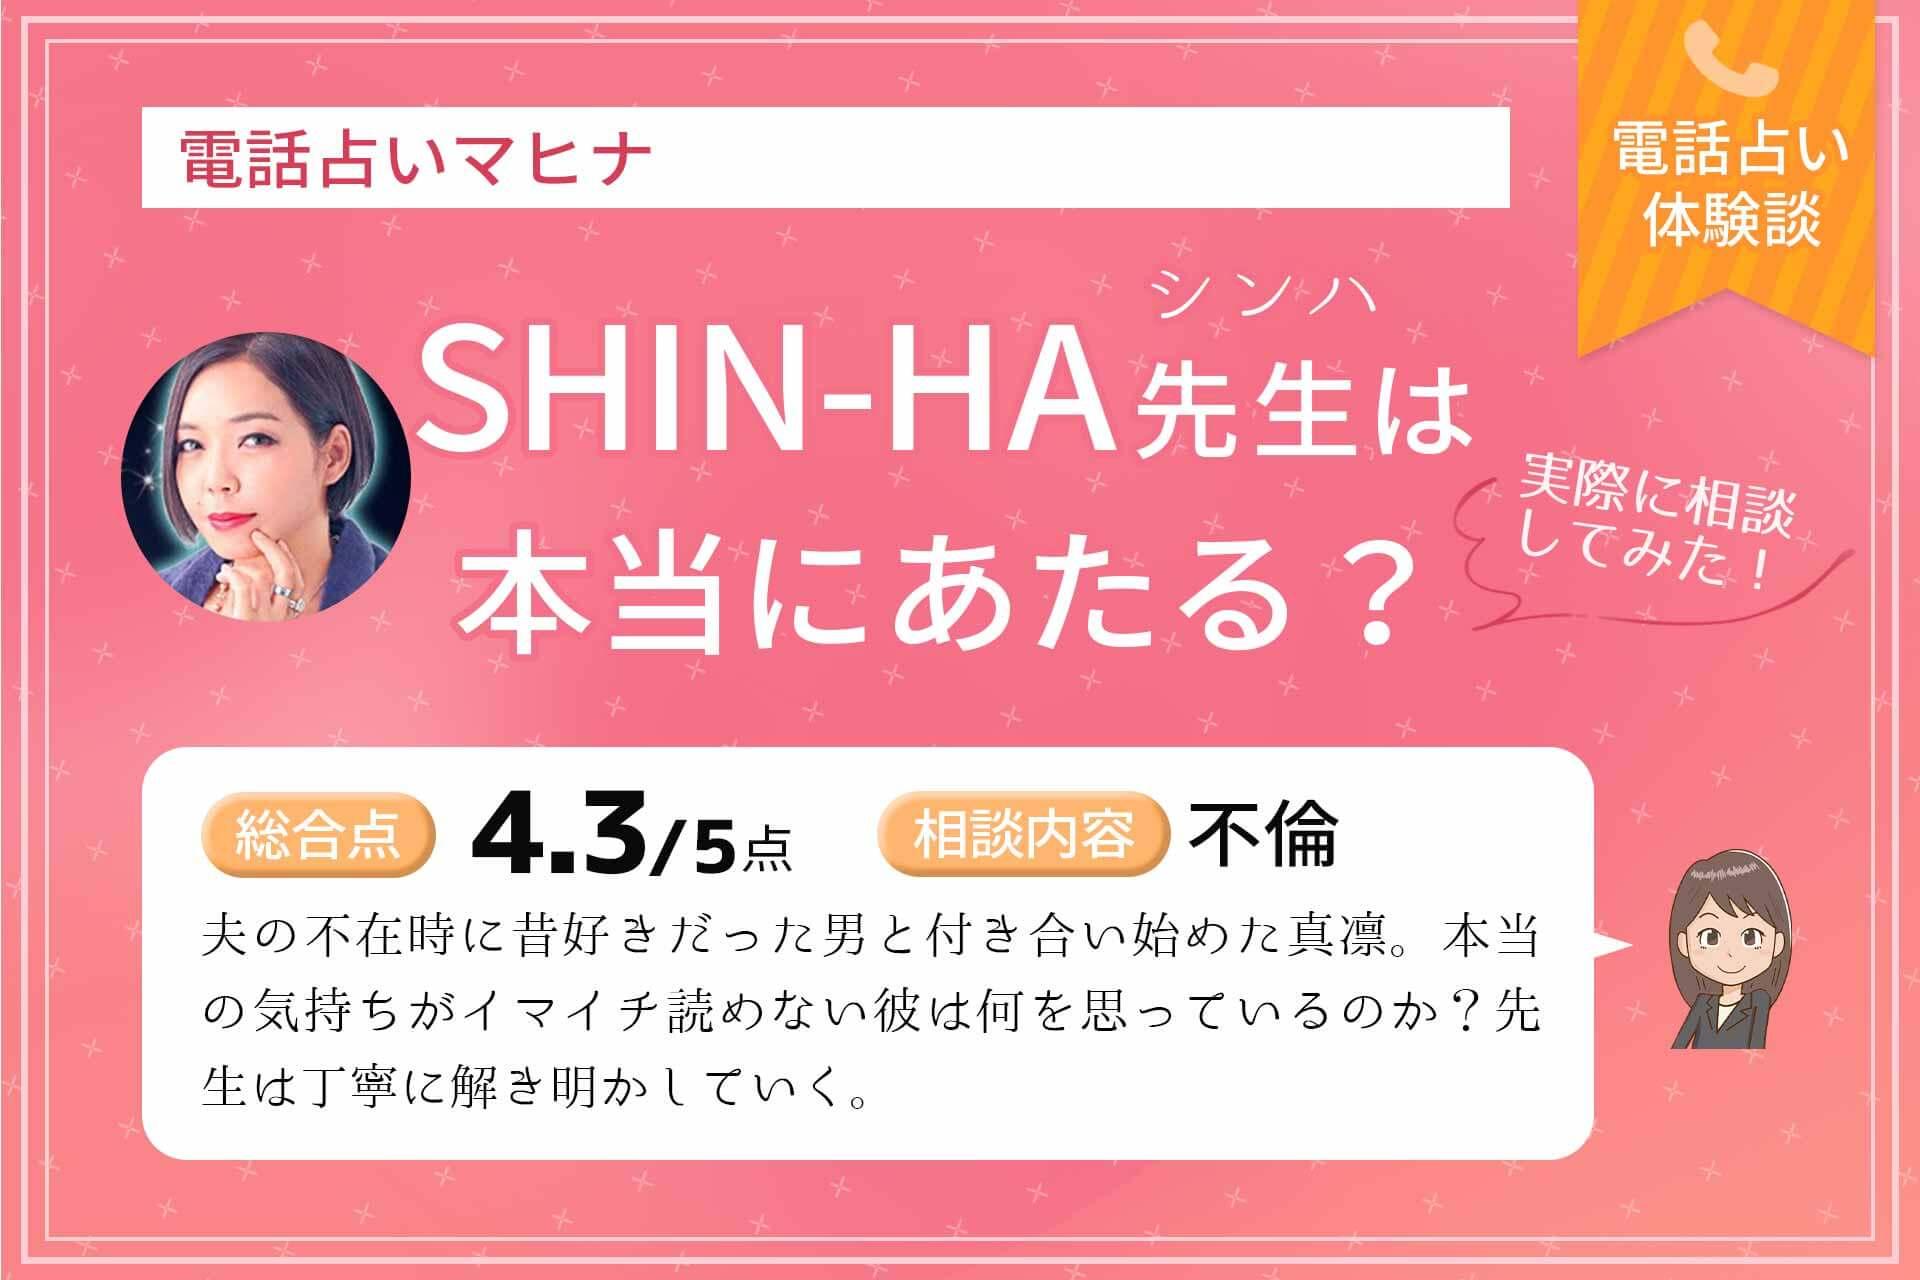 電話占いマヒナのSHIN-HA(シンハ)先生は当たる?【鑑定体験談】